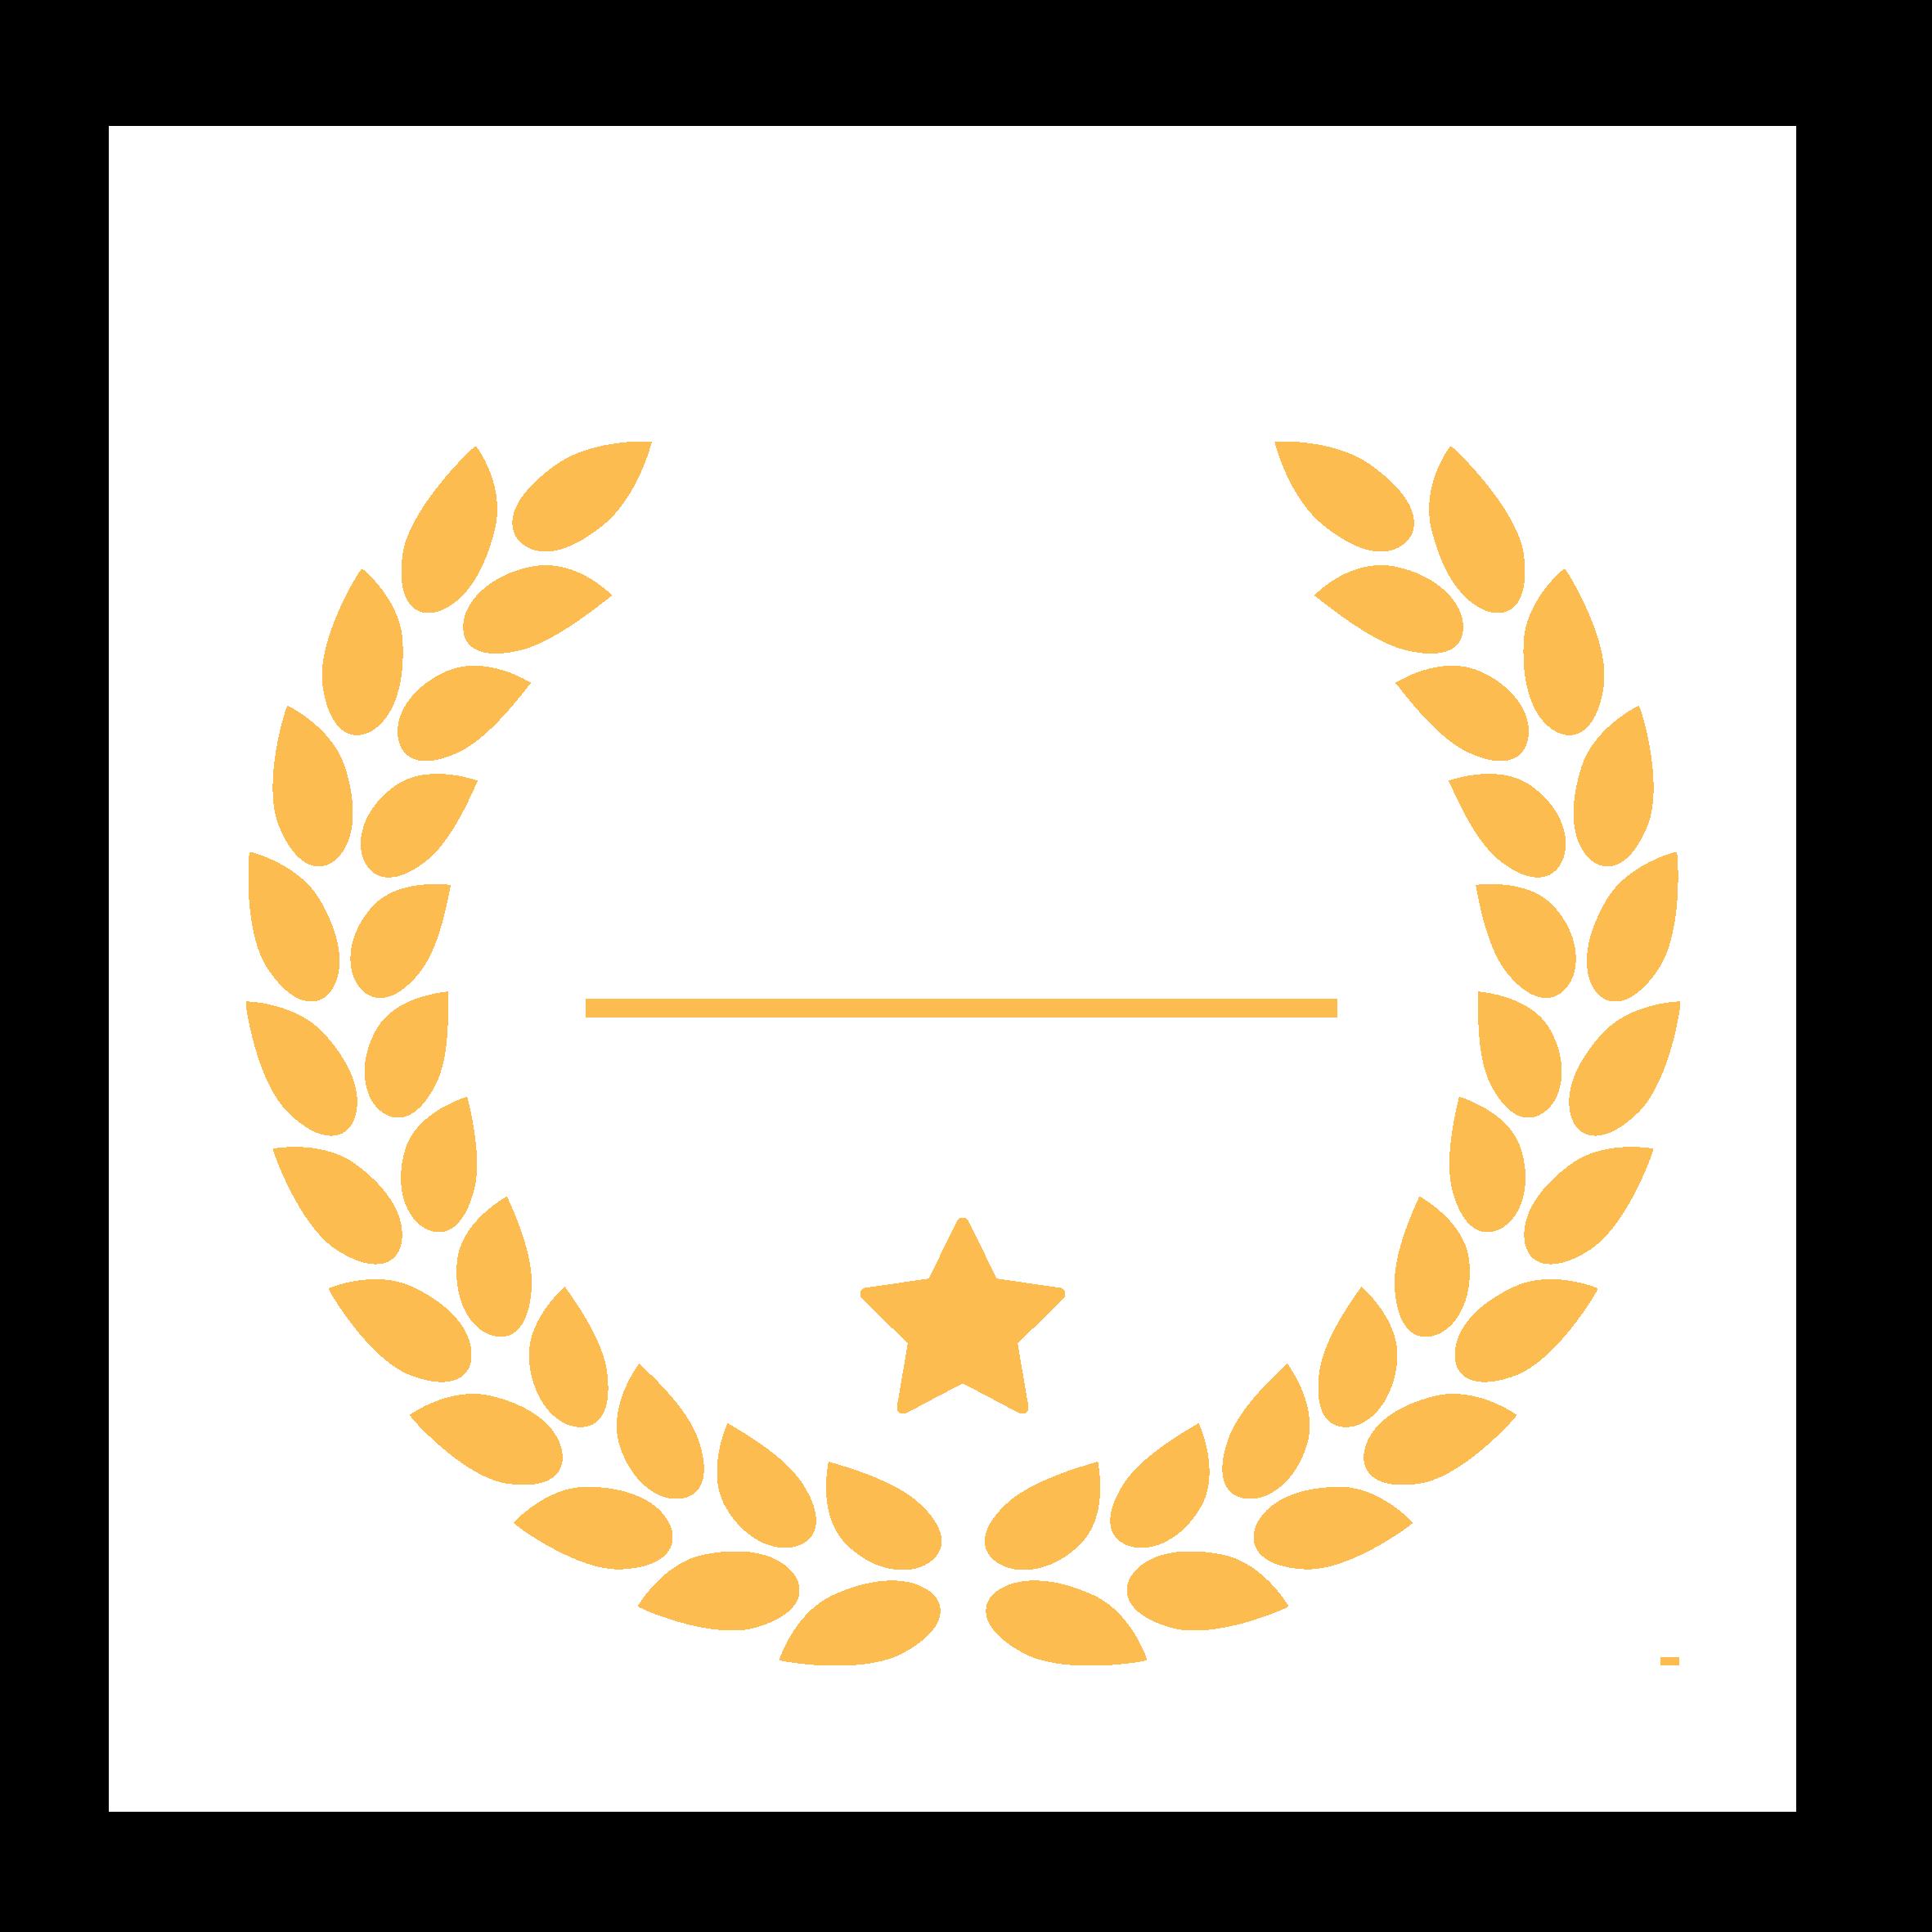 Prix de l'innvation Ligature JLV Prix Lépine